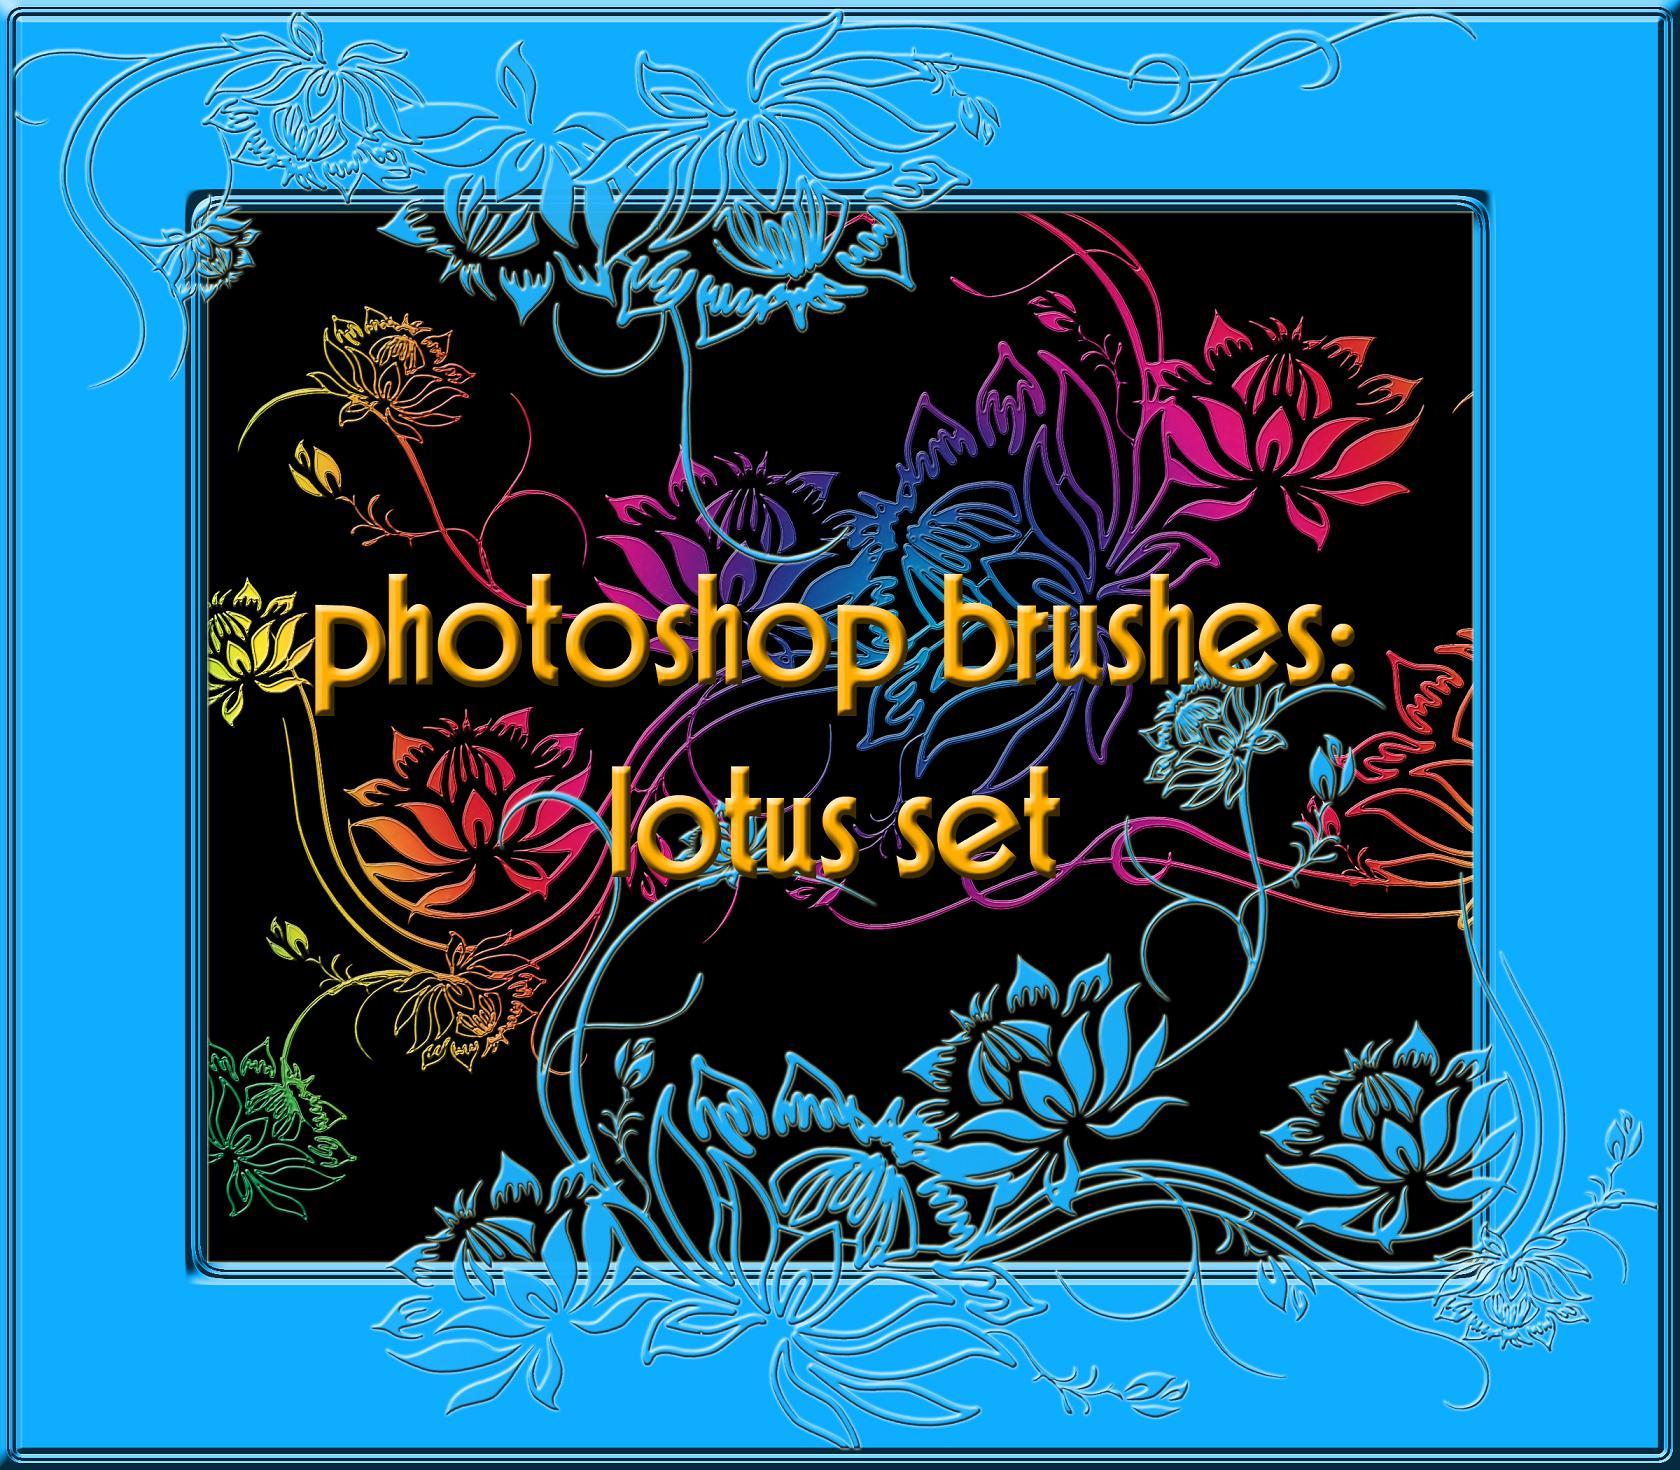 photoshop brushes: lotus set